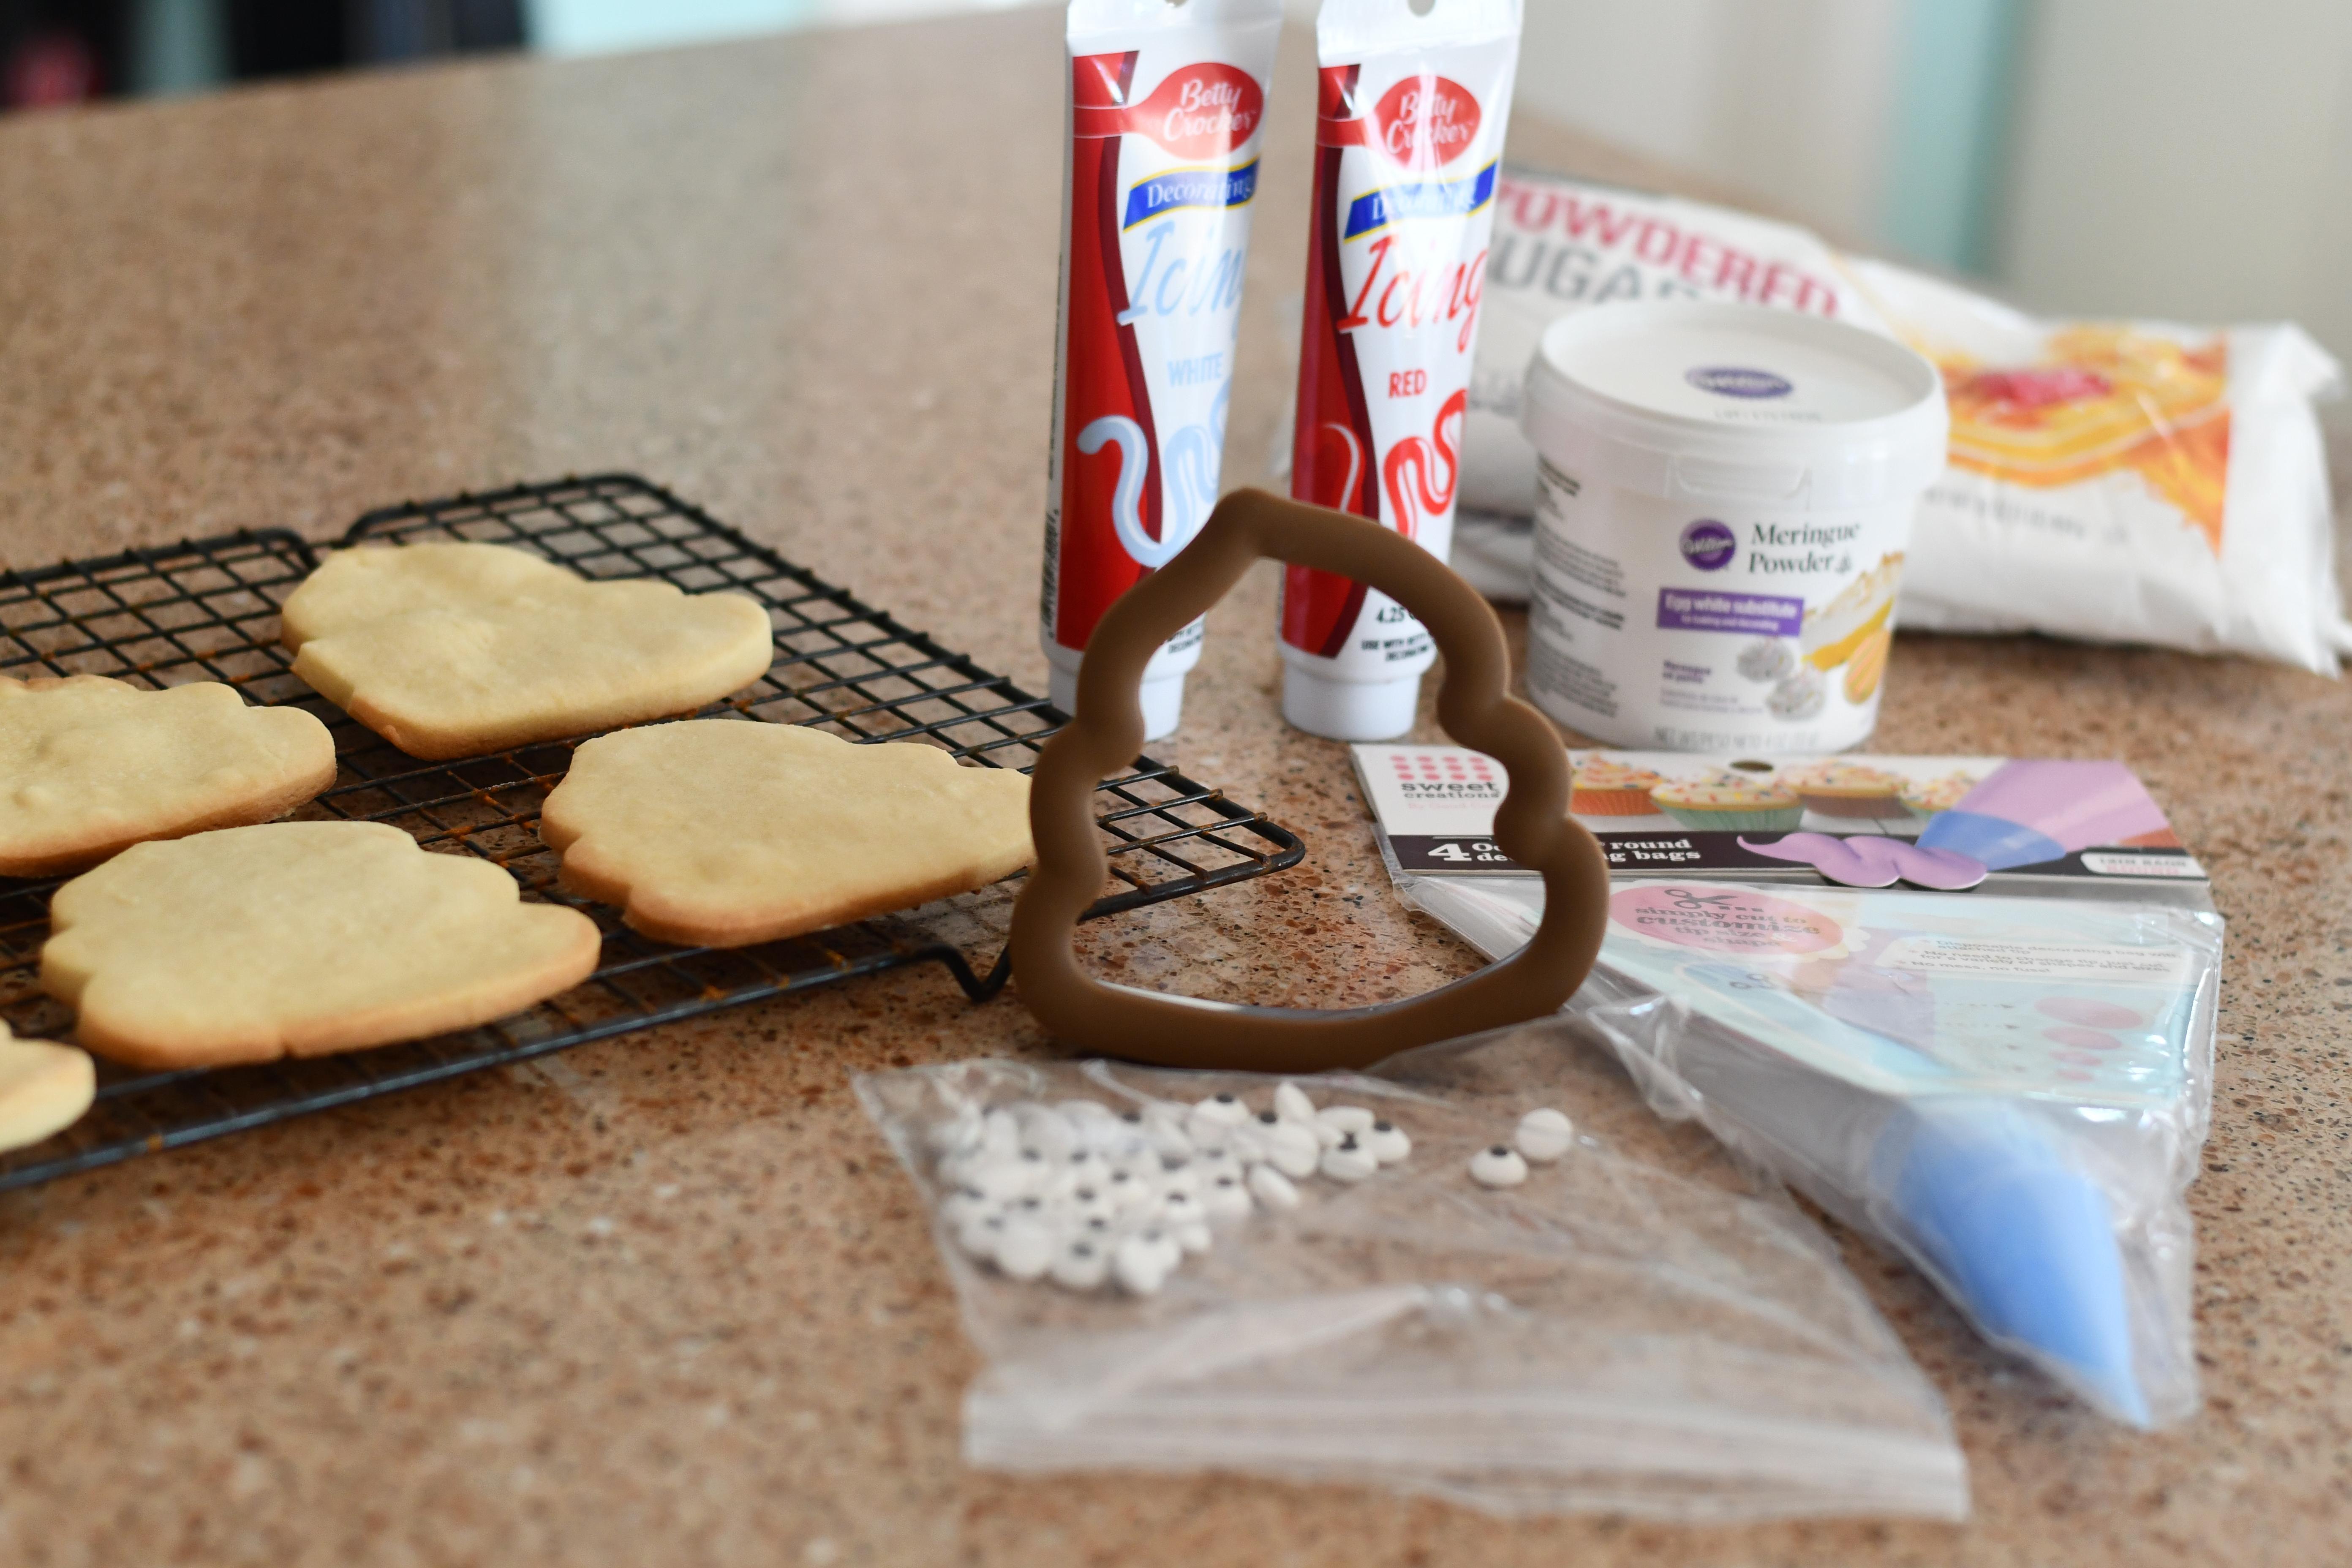 DIY Poop Emoji Santa Christmas Cookies – the poop emoji cookie cutter